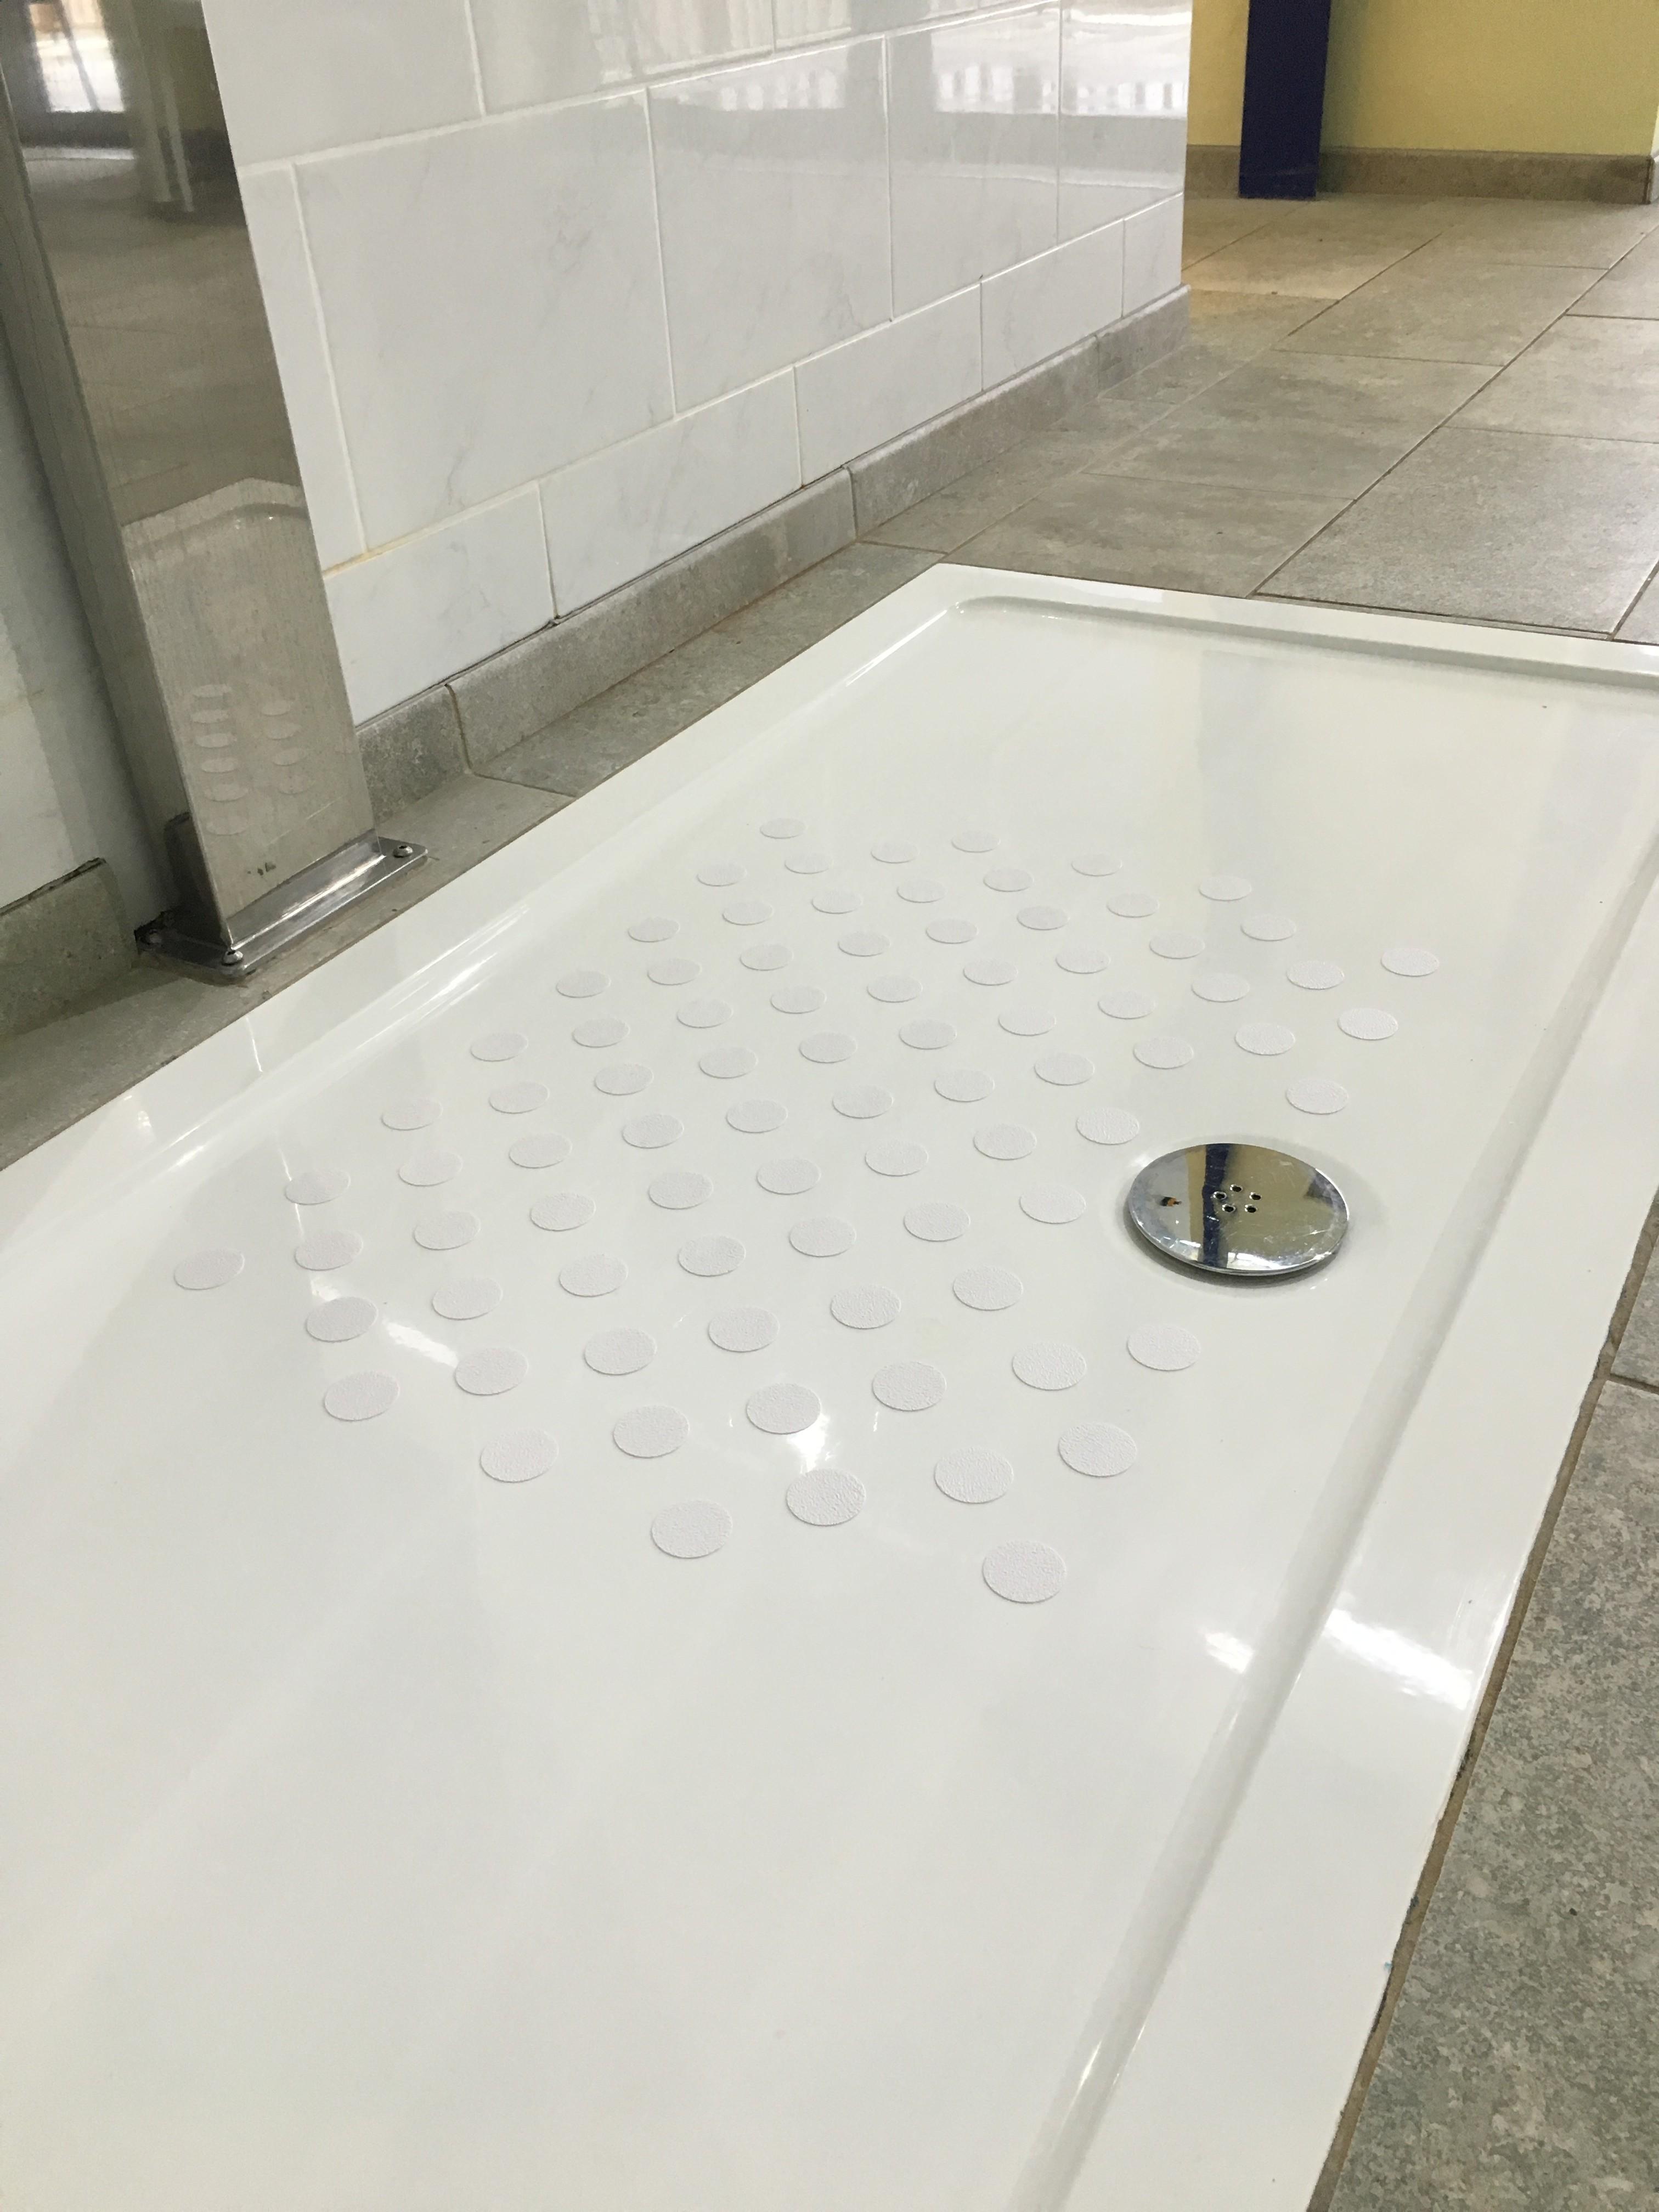 How many packs do I need? - Non Slip Bath